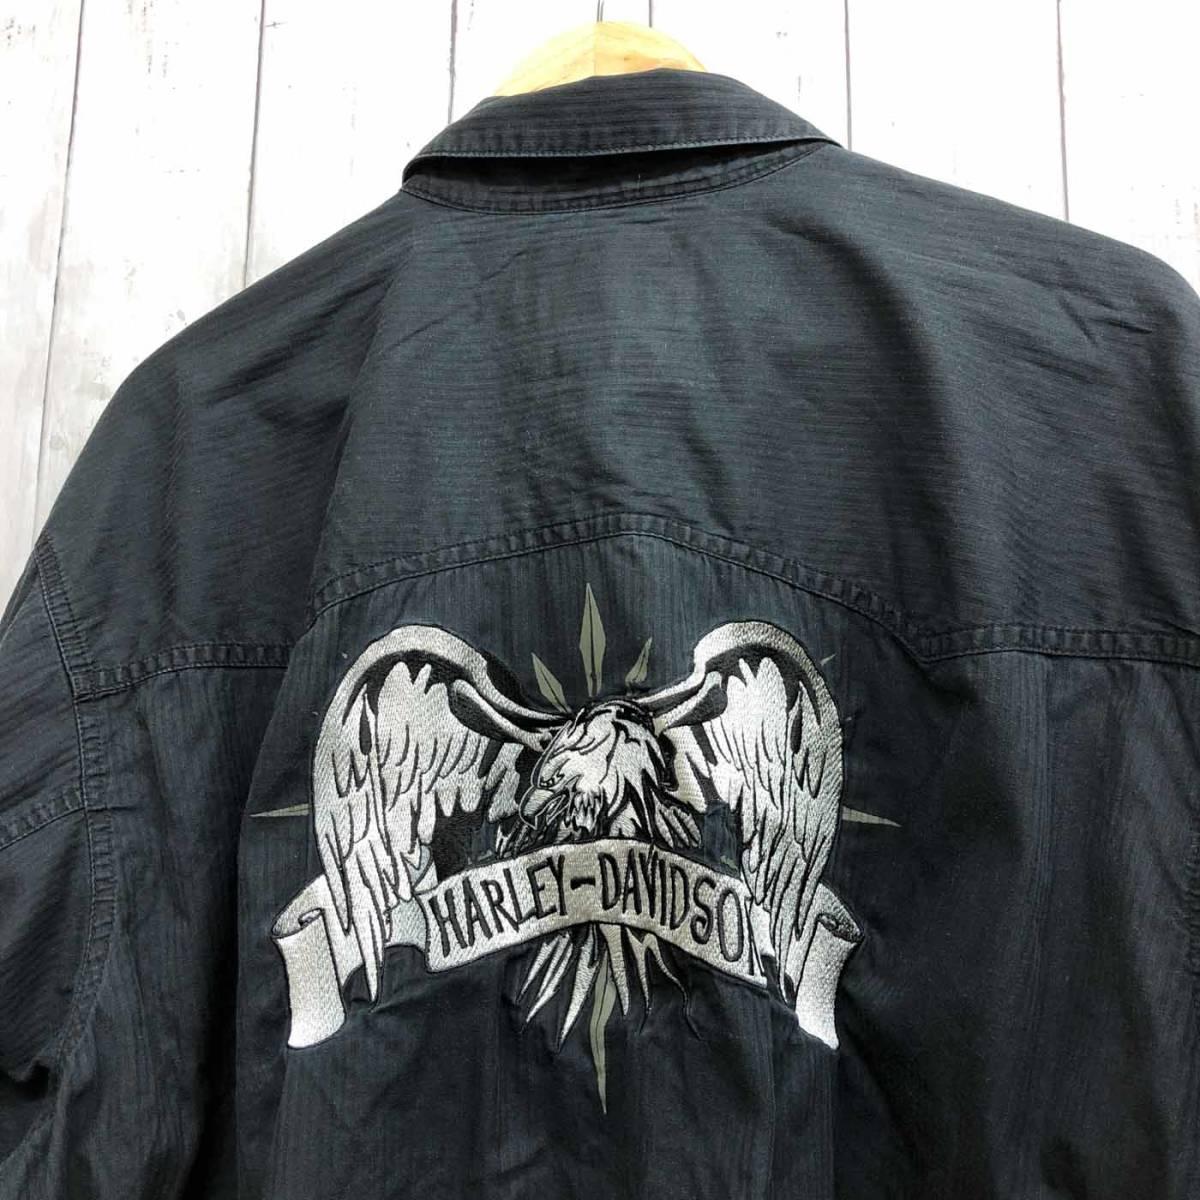 ハーレーダビッドソン Harley Davidson 古着 長袖シャツ ワーカーシャツ メンズ 2XLサイズ 9-76_画像6